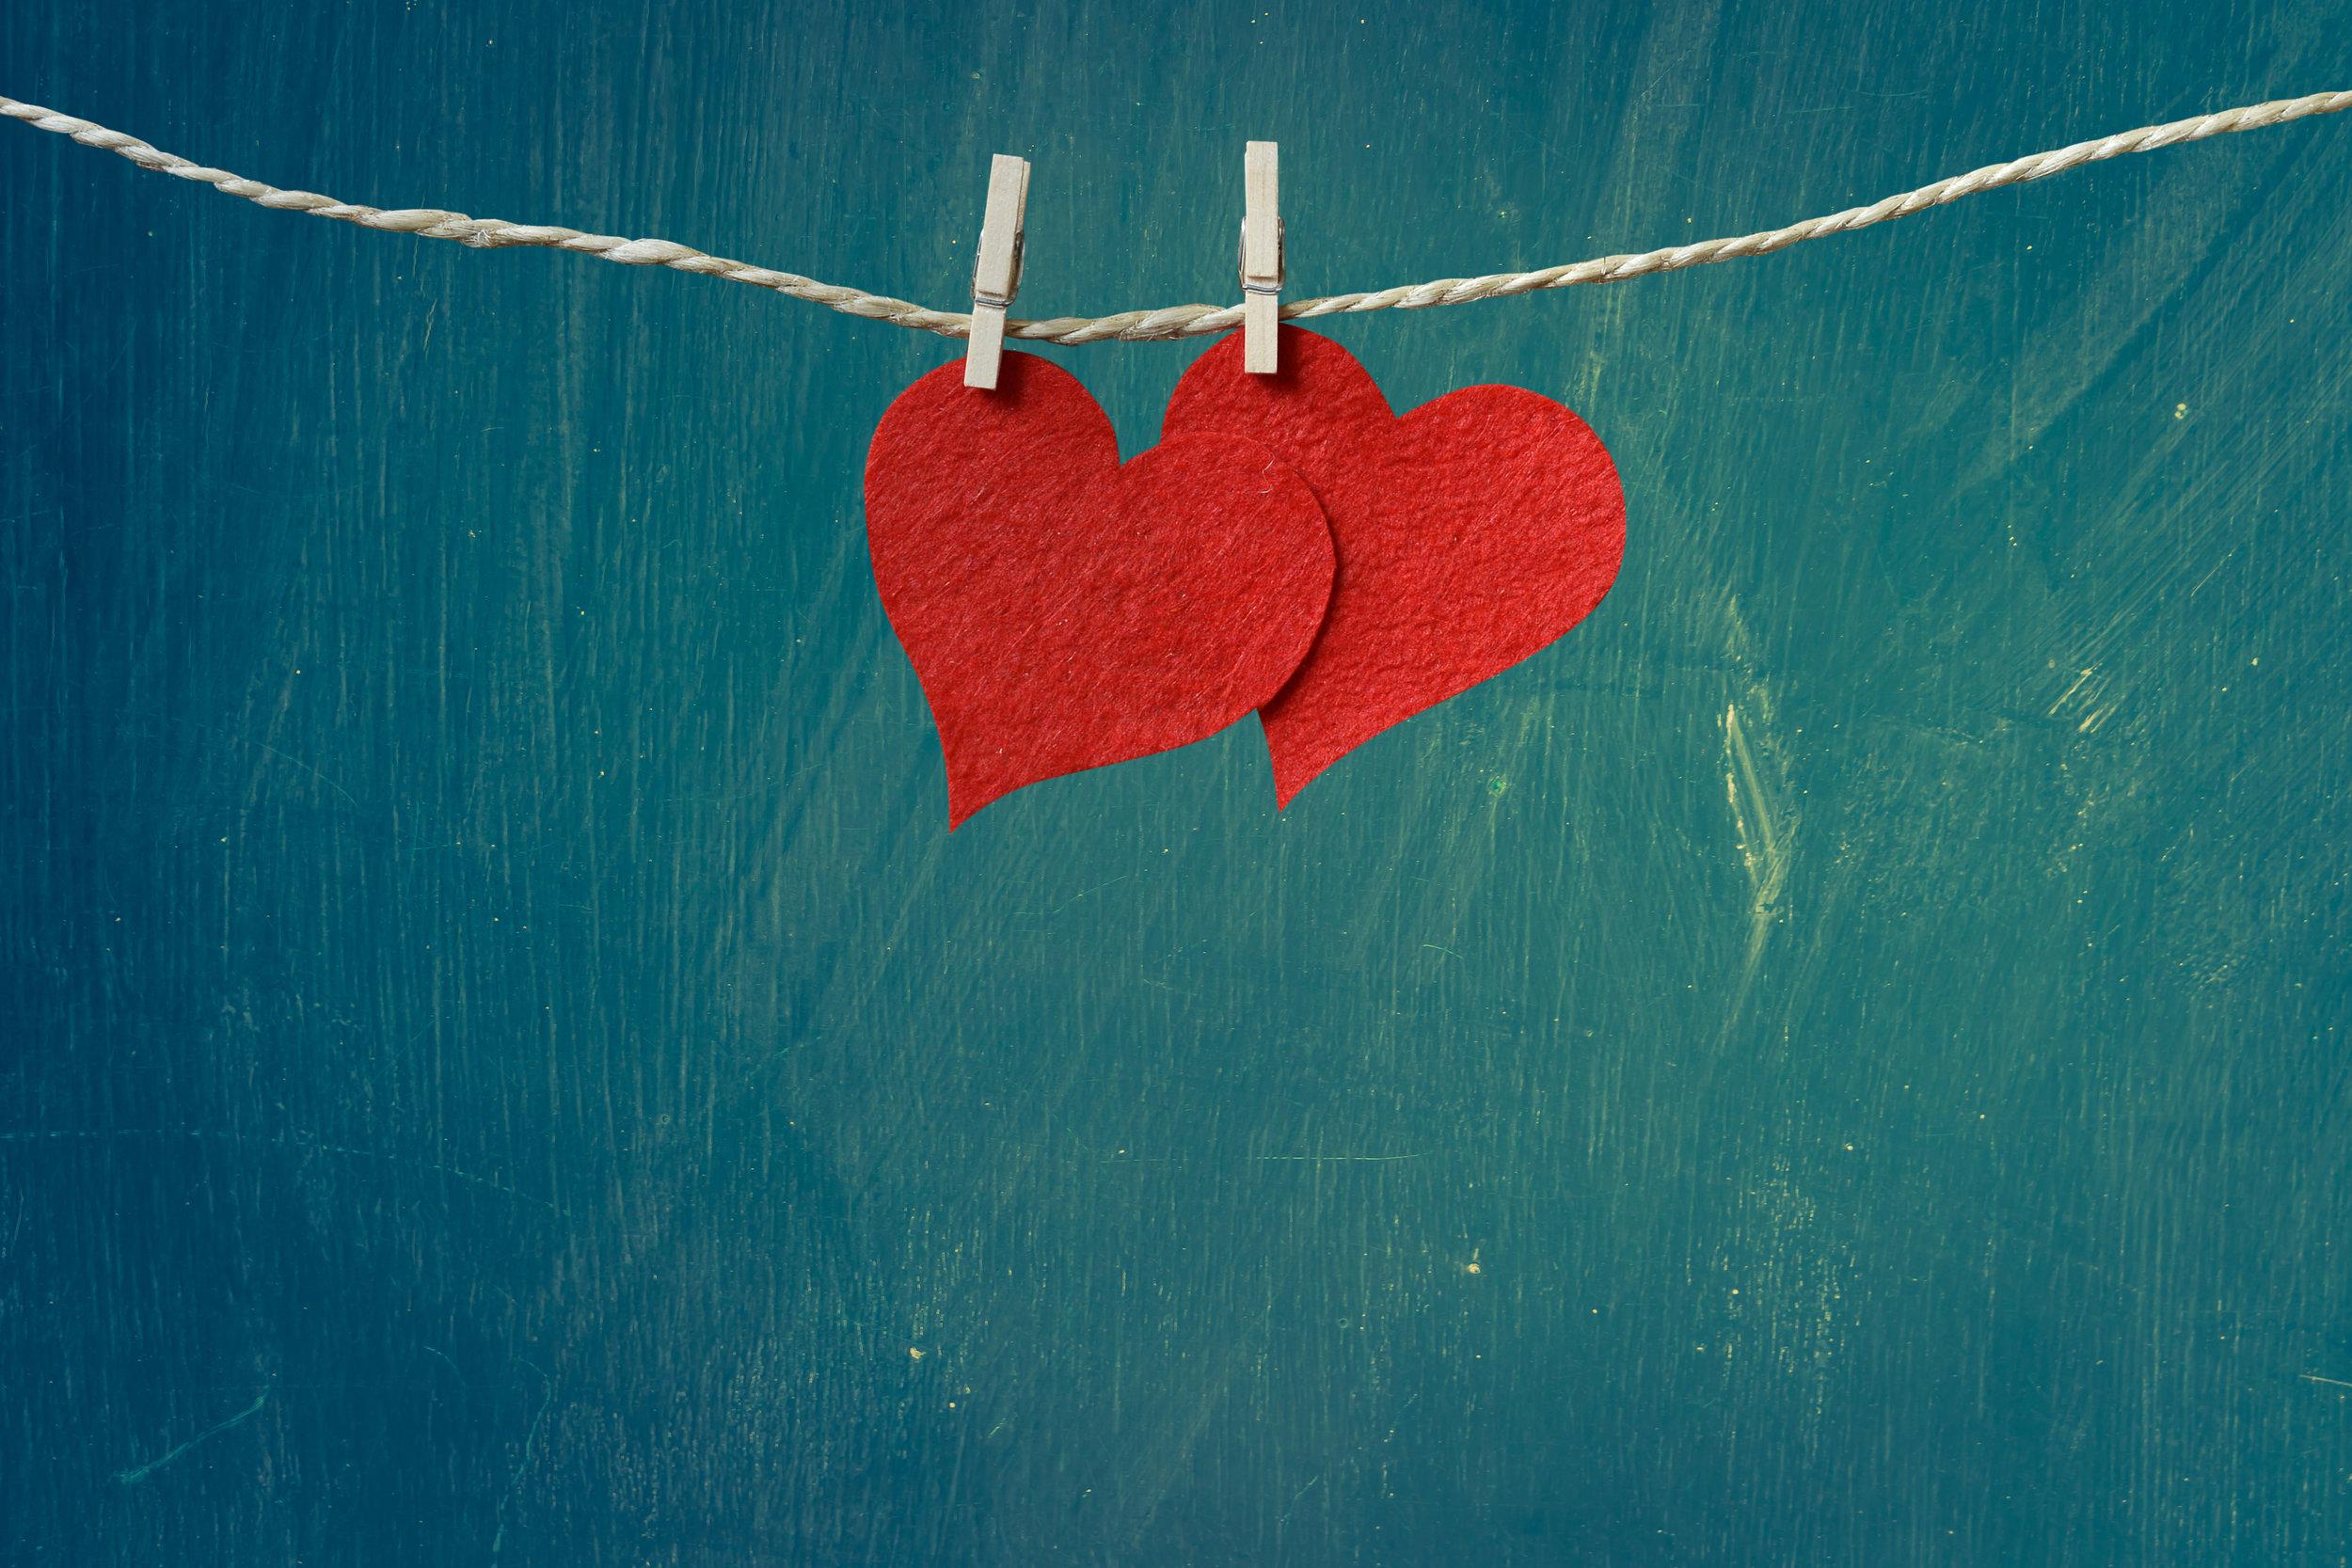 Besos y Abrazos: Valentine's Day in the Spanish-speaking World